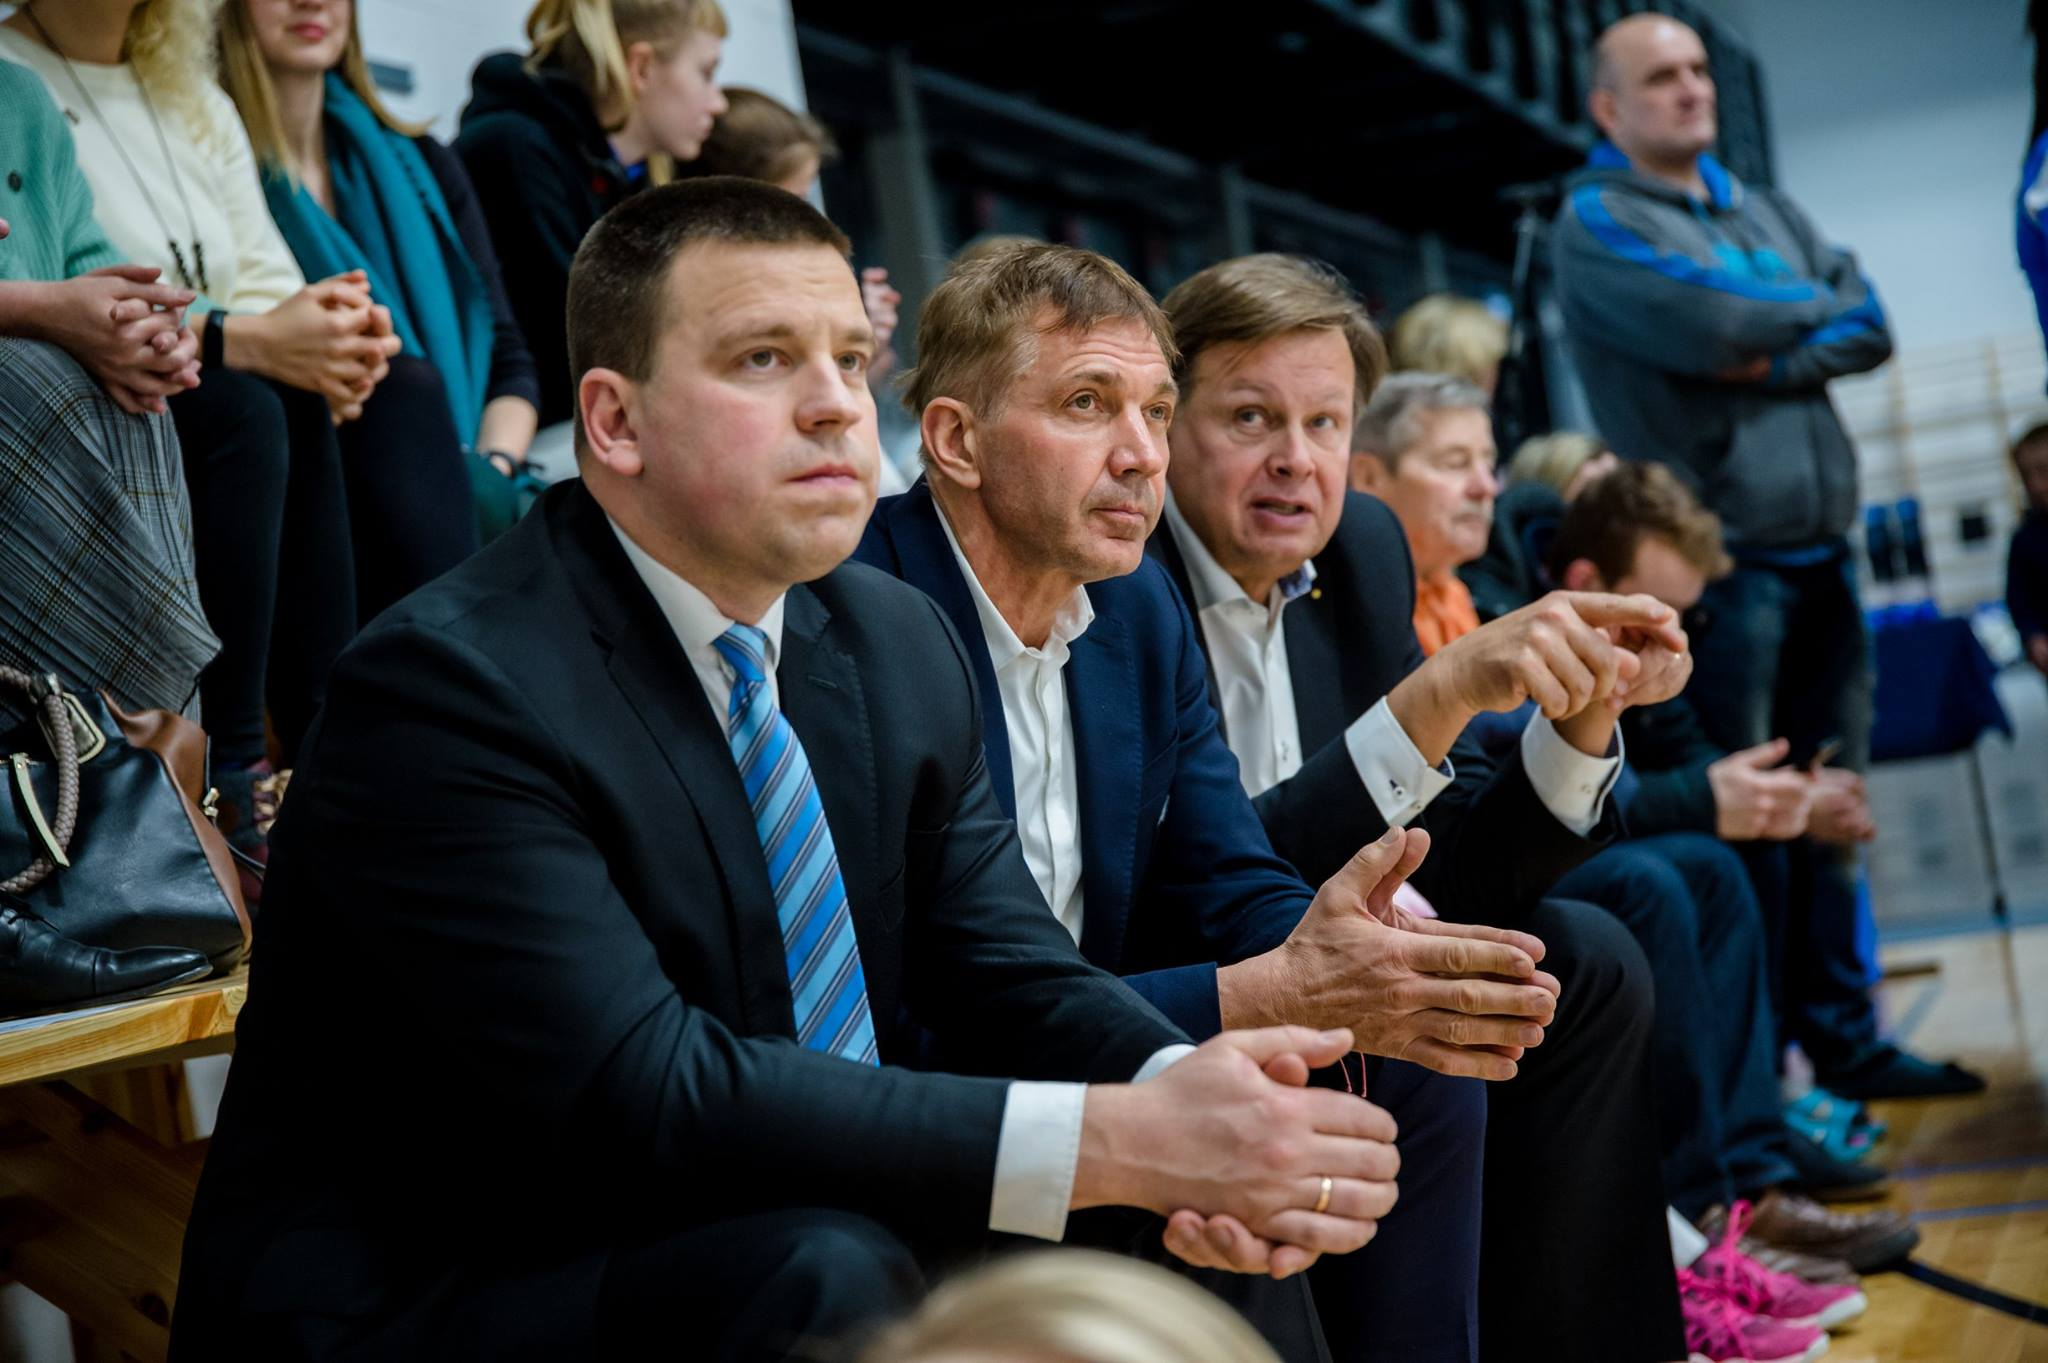 FOTOD! Jüri Ratas ja Urmas Sõõrumaa panid vehklejatele kaela EV100-le pühendatud Eesti meistrivõistluste medalid